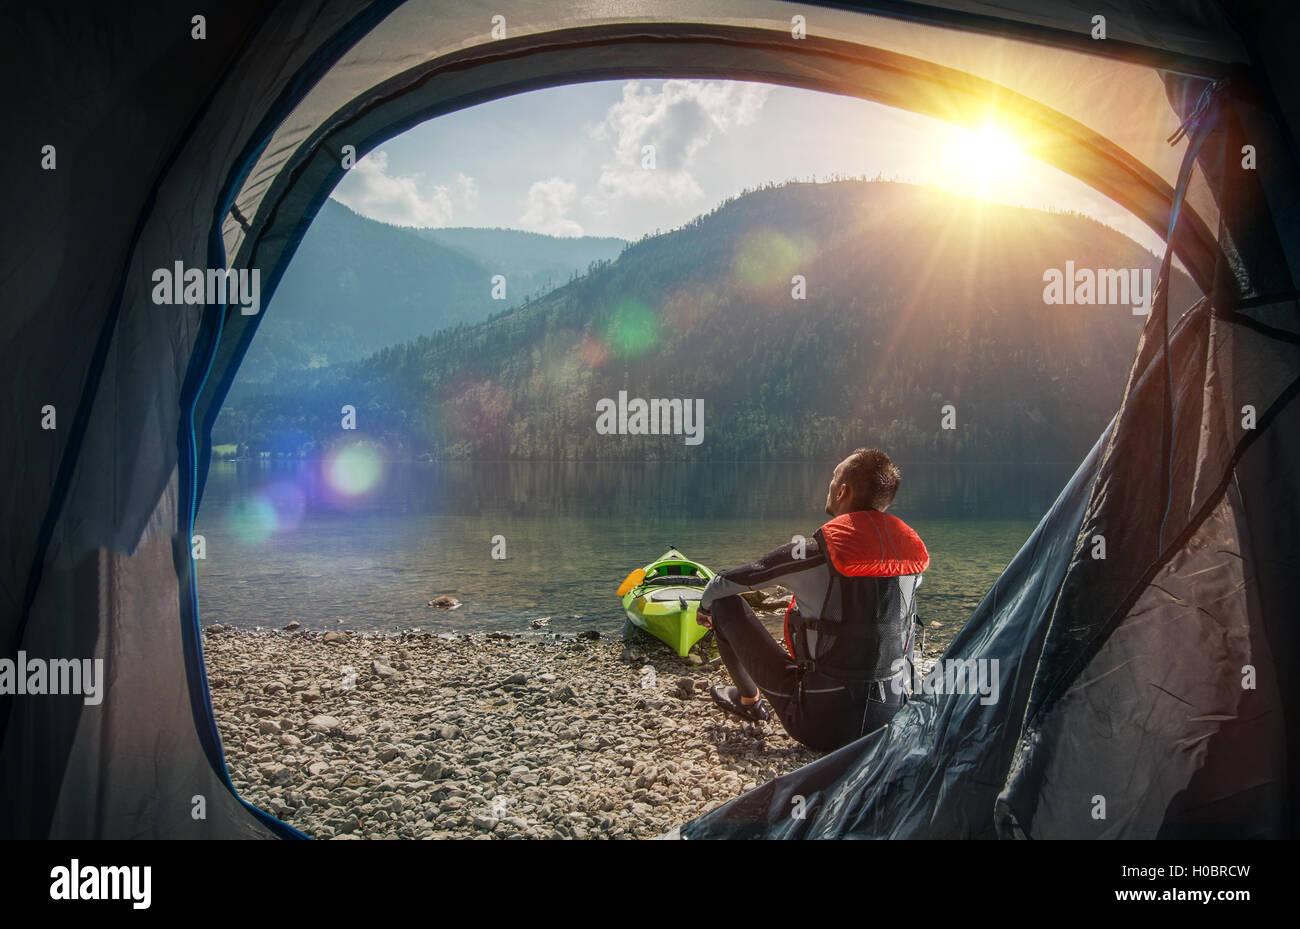 Rooms et le kayak sur le lac. Young Sportsman camping et kayak sur la rive du lac de montagne pittoresque. Photo Stock